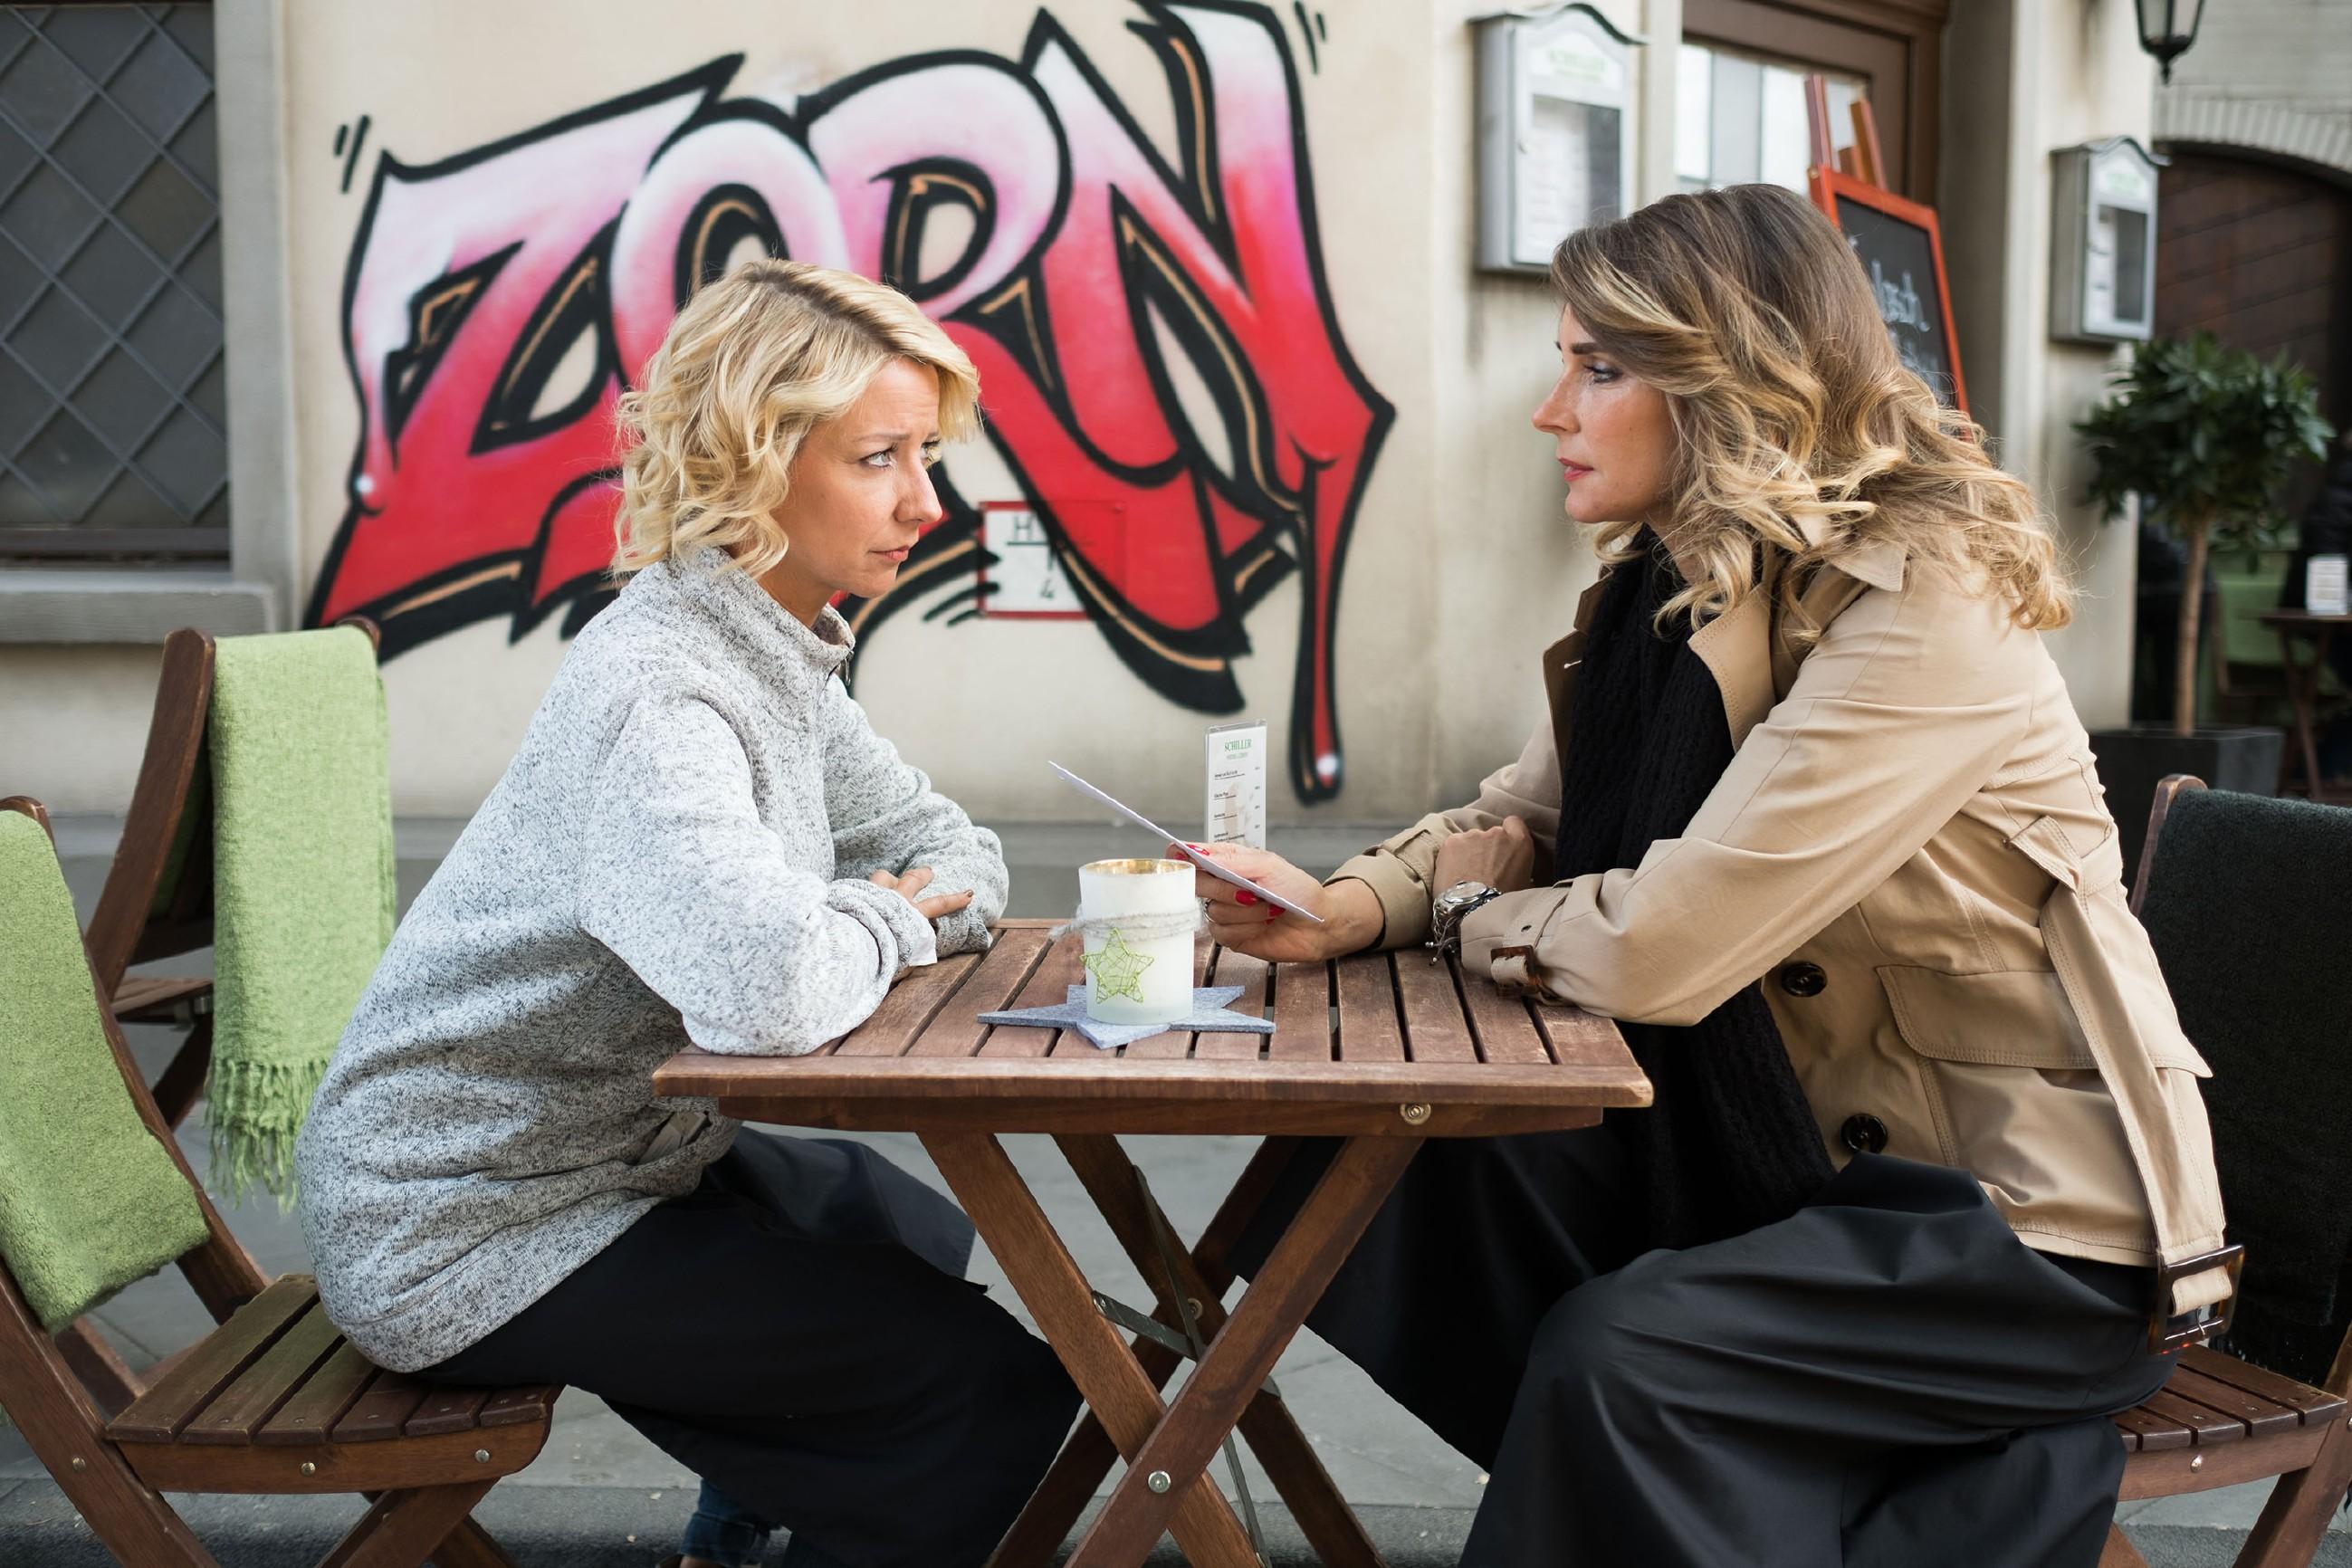 Eva (Claudelle Deckert, r.) fordert Ute (Isabell Hertel) drohend auf, besser die Schillerallee zu verlassen... (Quelle: RTL / Stefan Behrens)